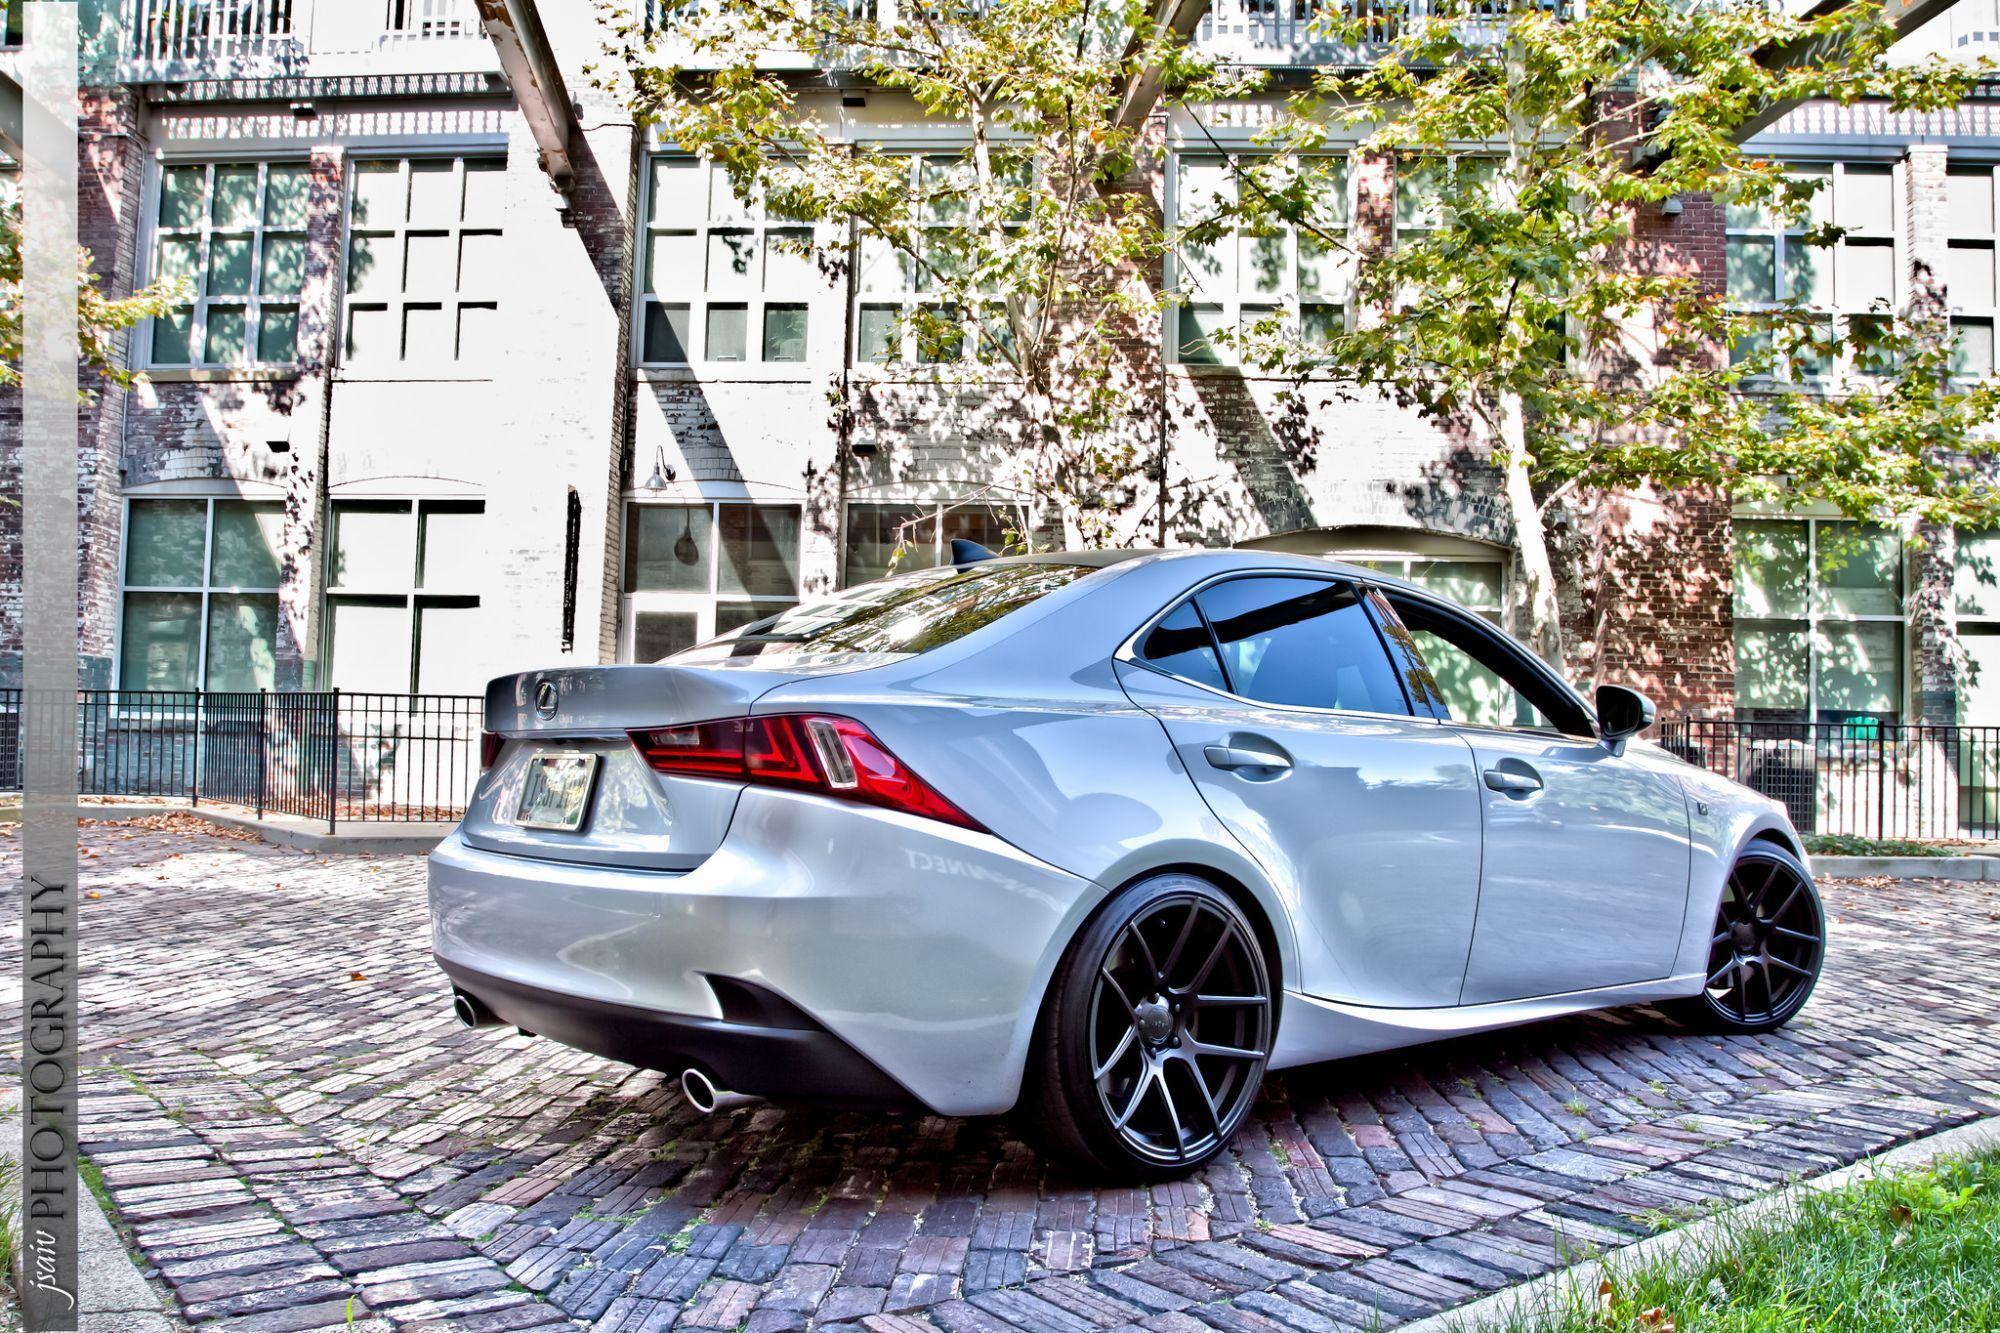 Lexus Is350 Velgen Wheels Vmb5 4 Mercedes Benz Automotive